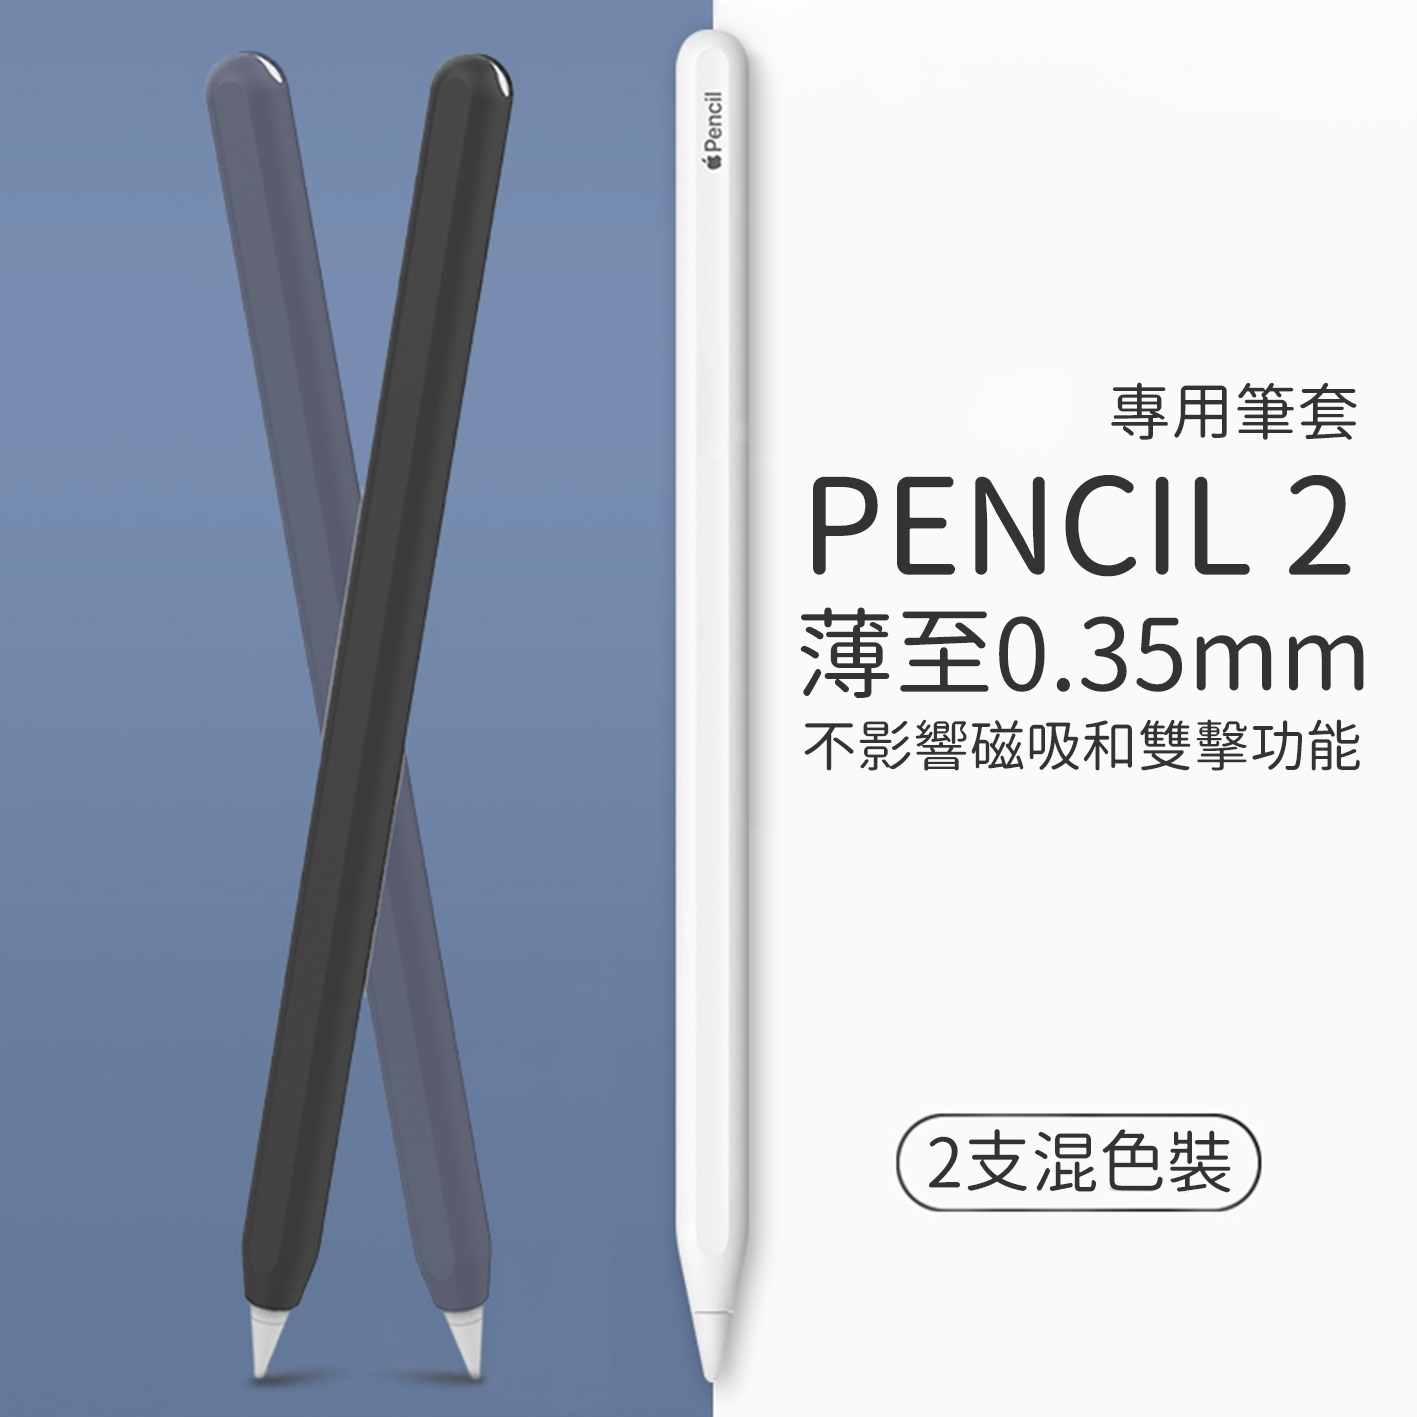 apple pencil 2 保護套 筆套 介紹圖